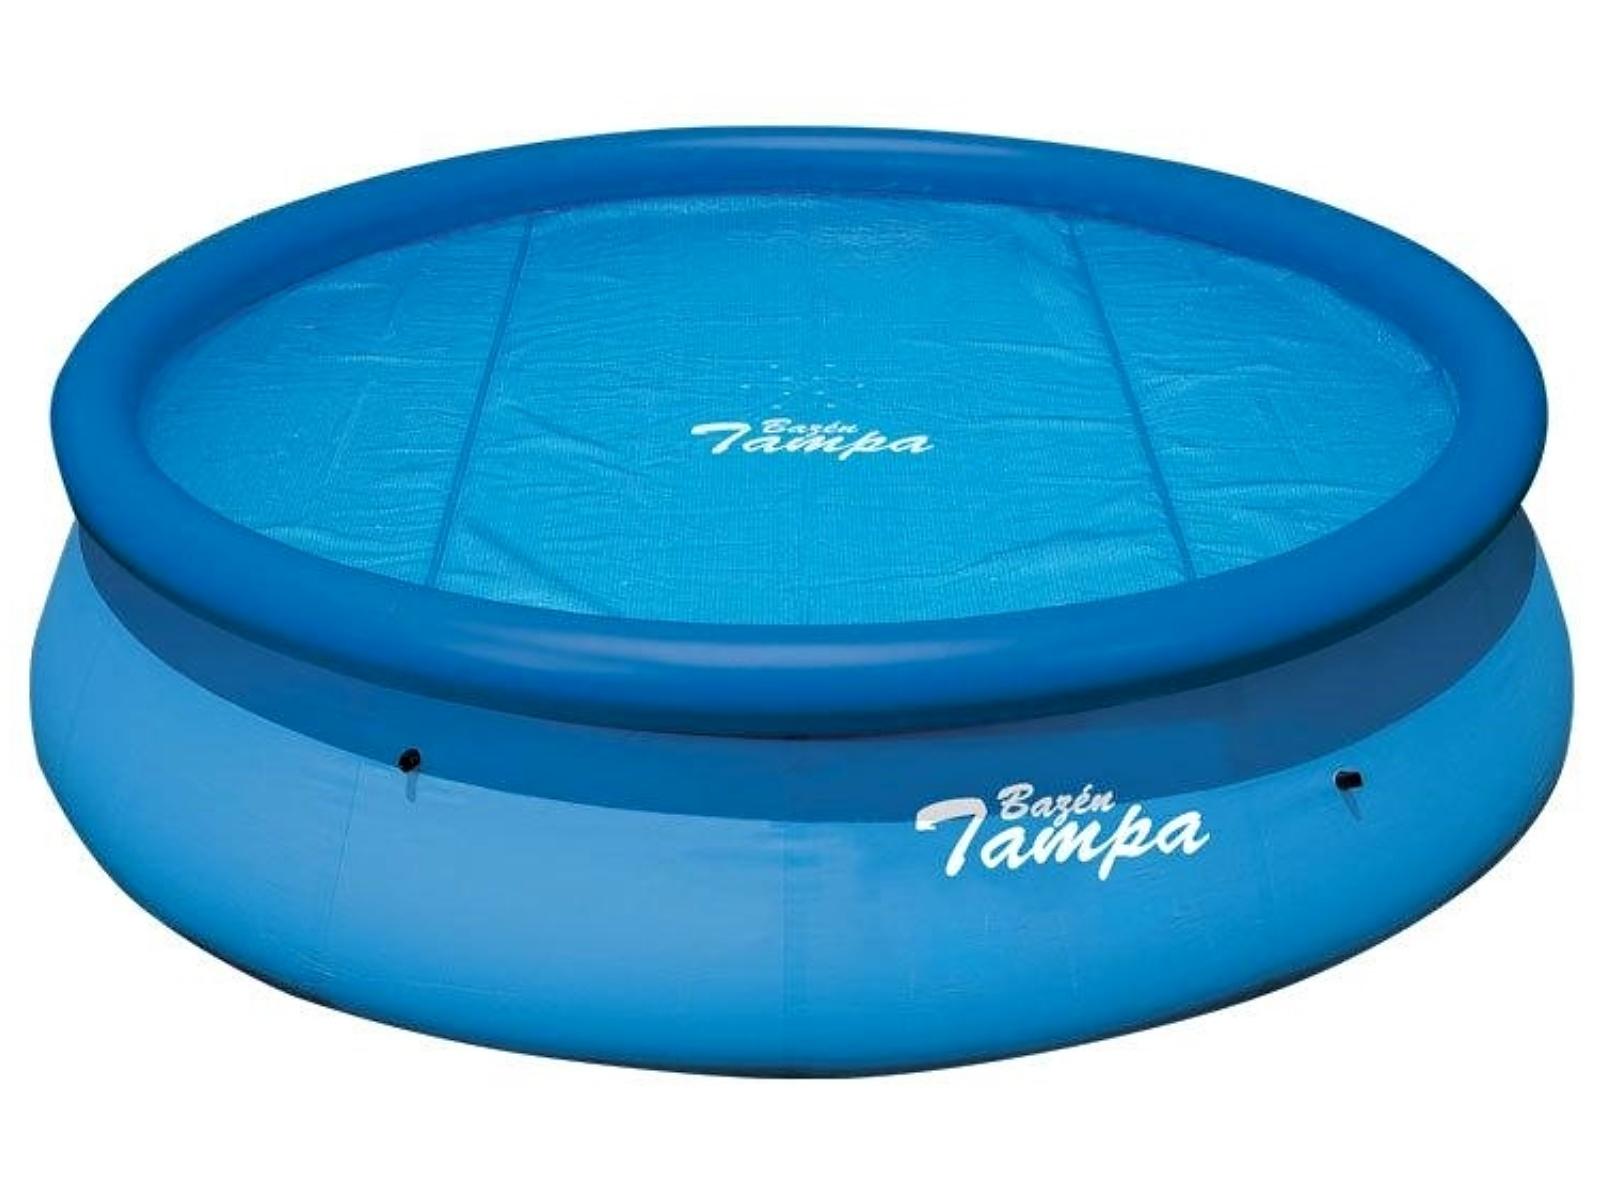 Solární plachta k bazénům MARIMEX Tampa 366 cm - modrá